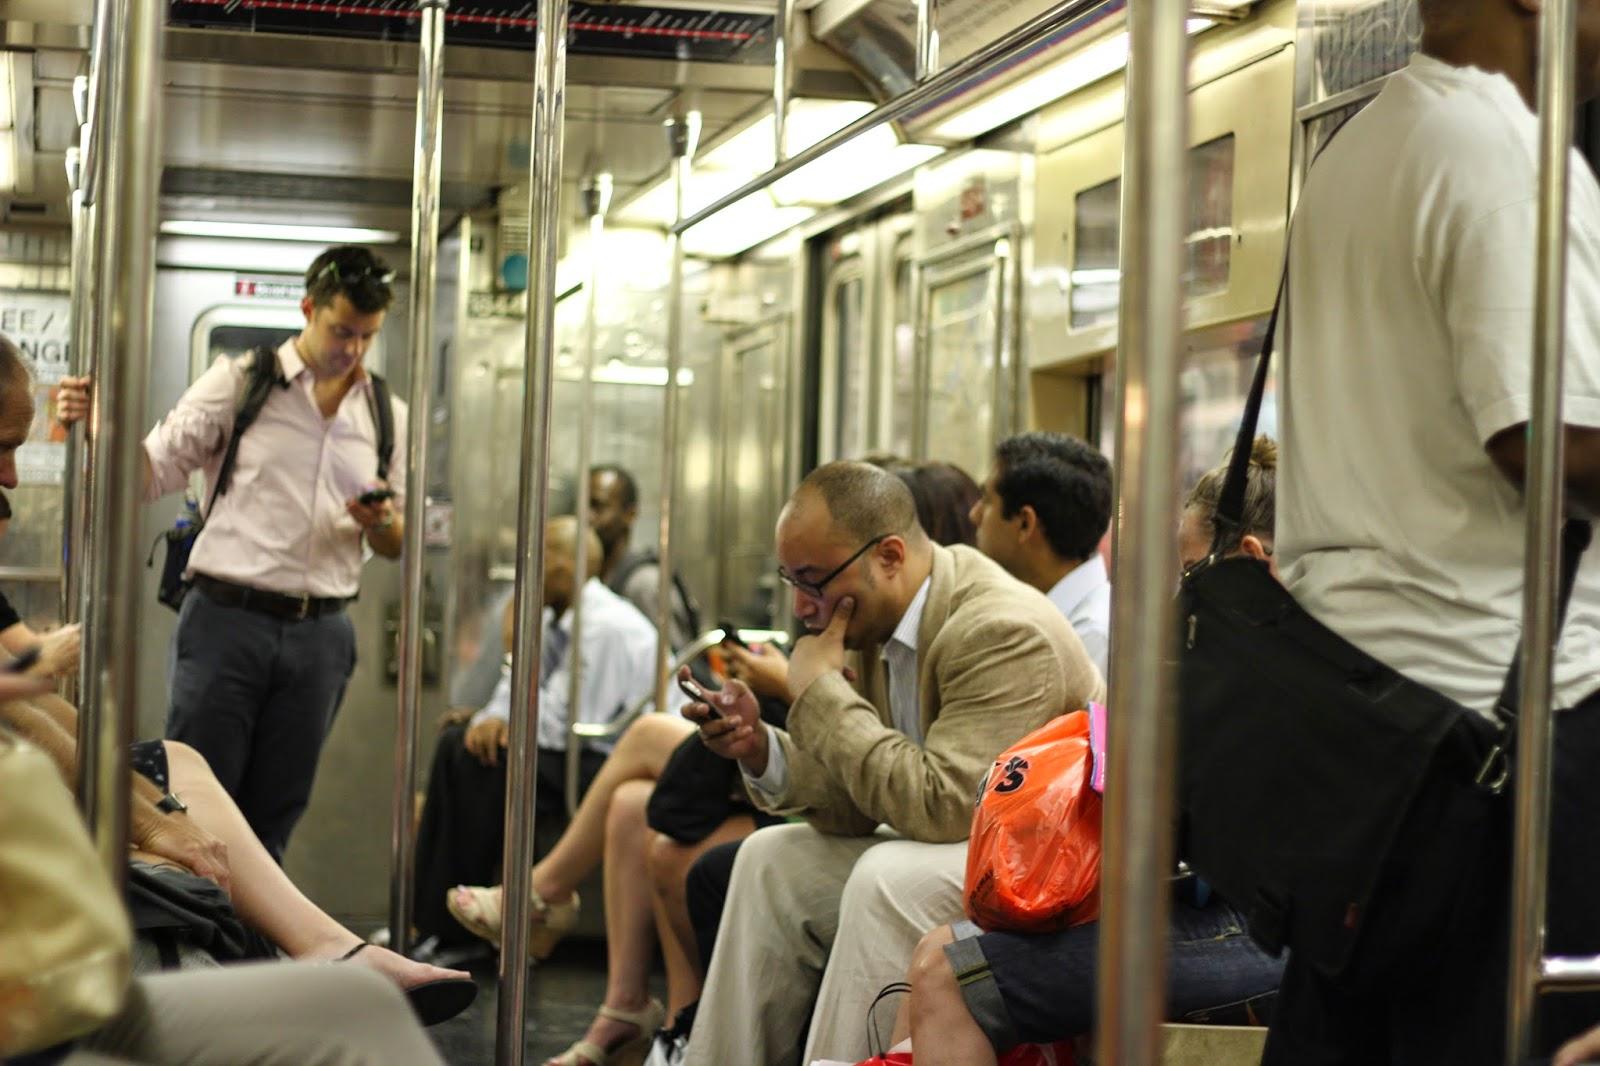 The Metro, New York